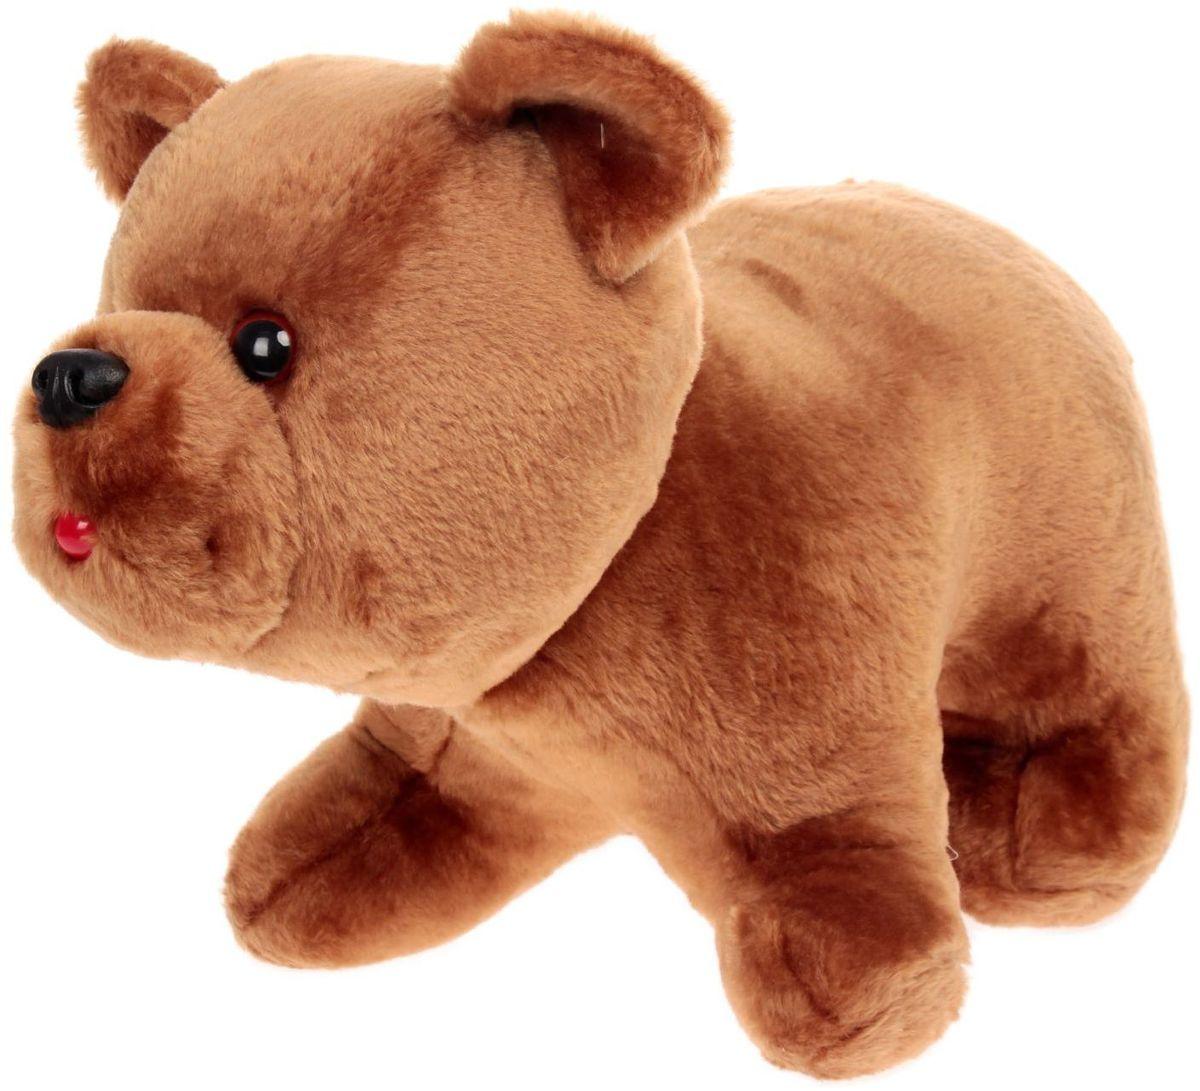 Радомир Мягкая игрушка Медведь Шалун 60 см 2008855 радомир мягкая игрушка собака соня 55 см 2008906